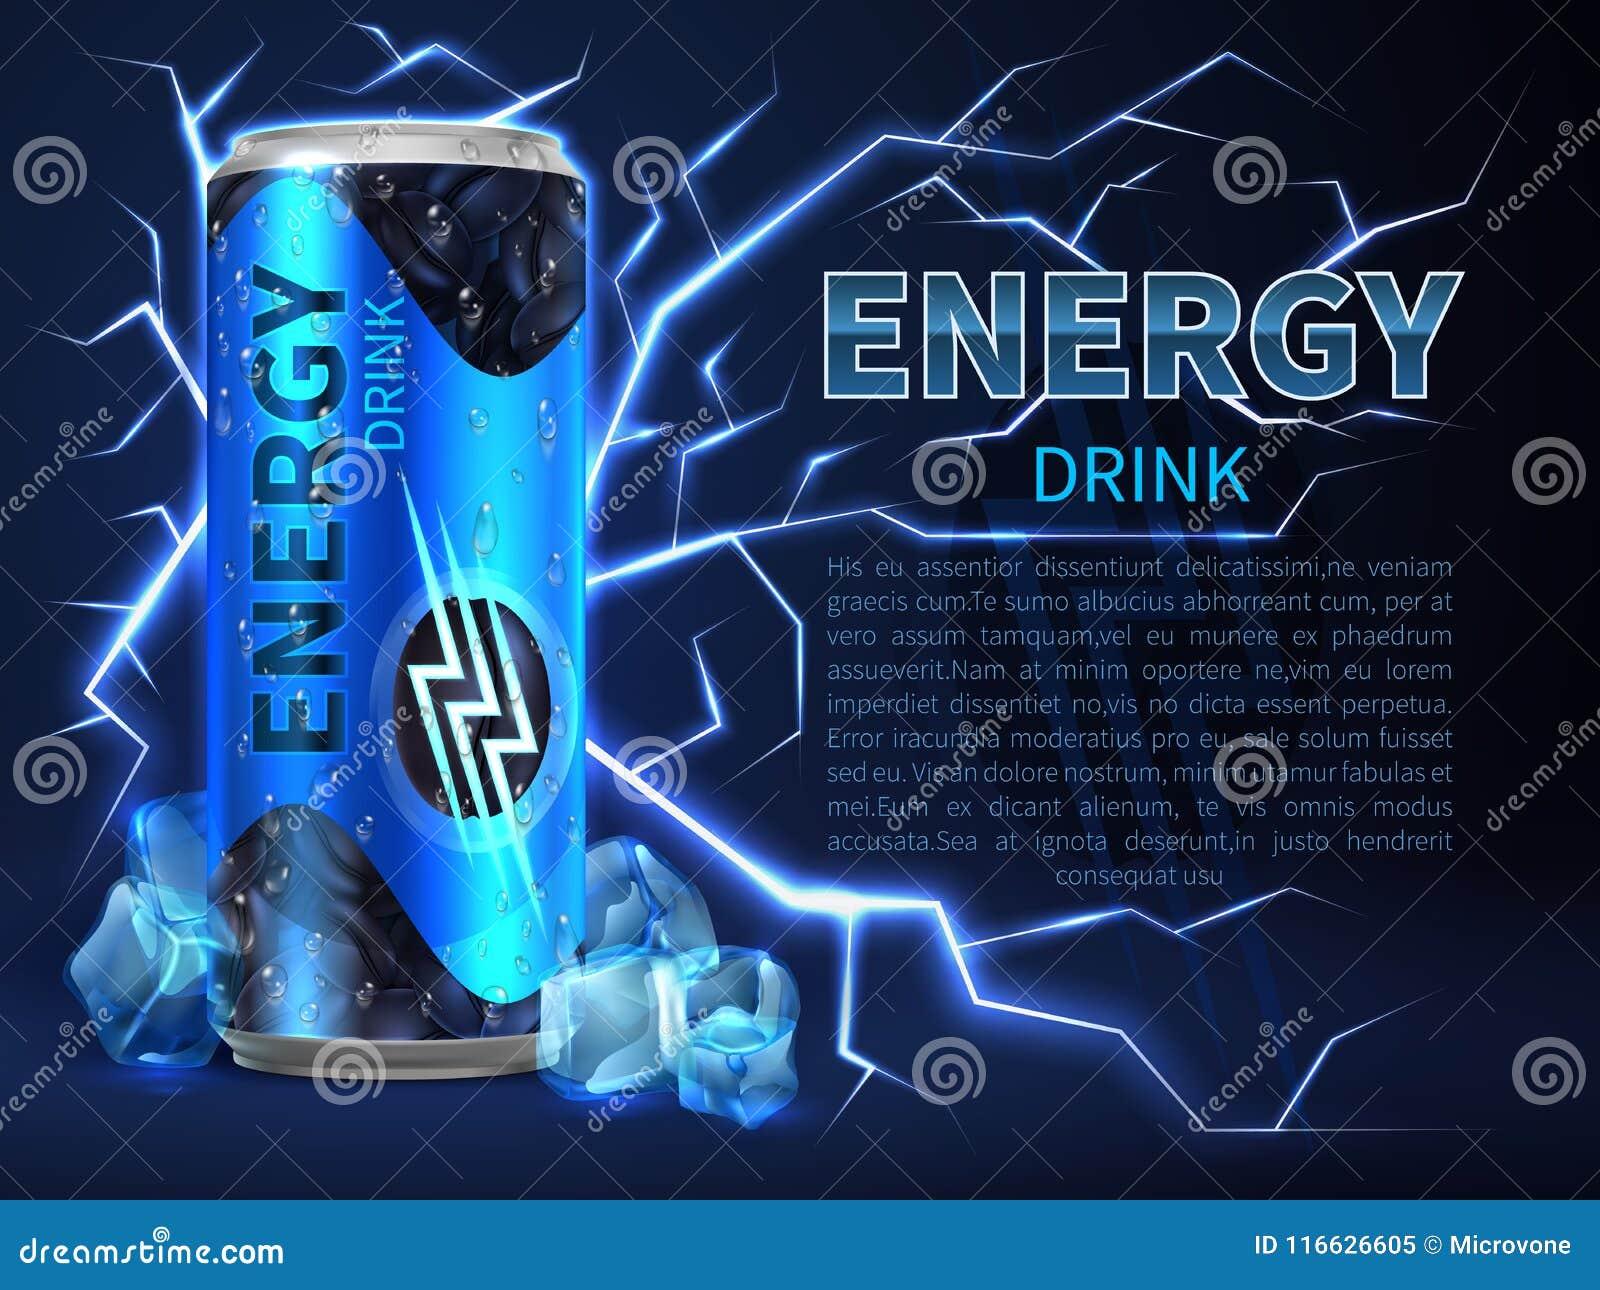 Energidrinken kan omgivet av elektriska urladdningar och gnistor på mörker - blått Förpackande advertizingvektorbakgrund